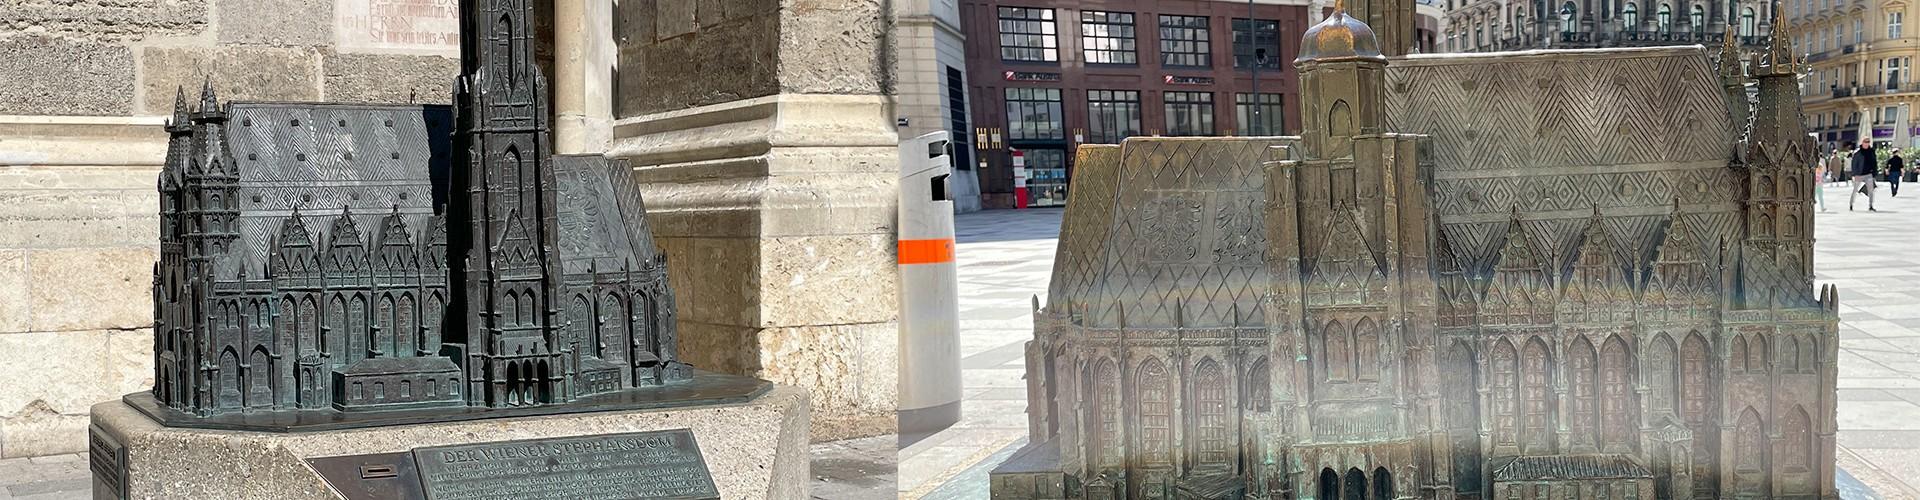 linke Hälfte: Vorderansicht des Tastsmodells des Stephansdoms. Es steht vor dem eigentlichen Dom, rechtes Bild: Ansicht von der Rückseite des Tastmodells, im Hintergrund ist der Stephansplatz zu sehen.